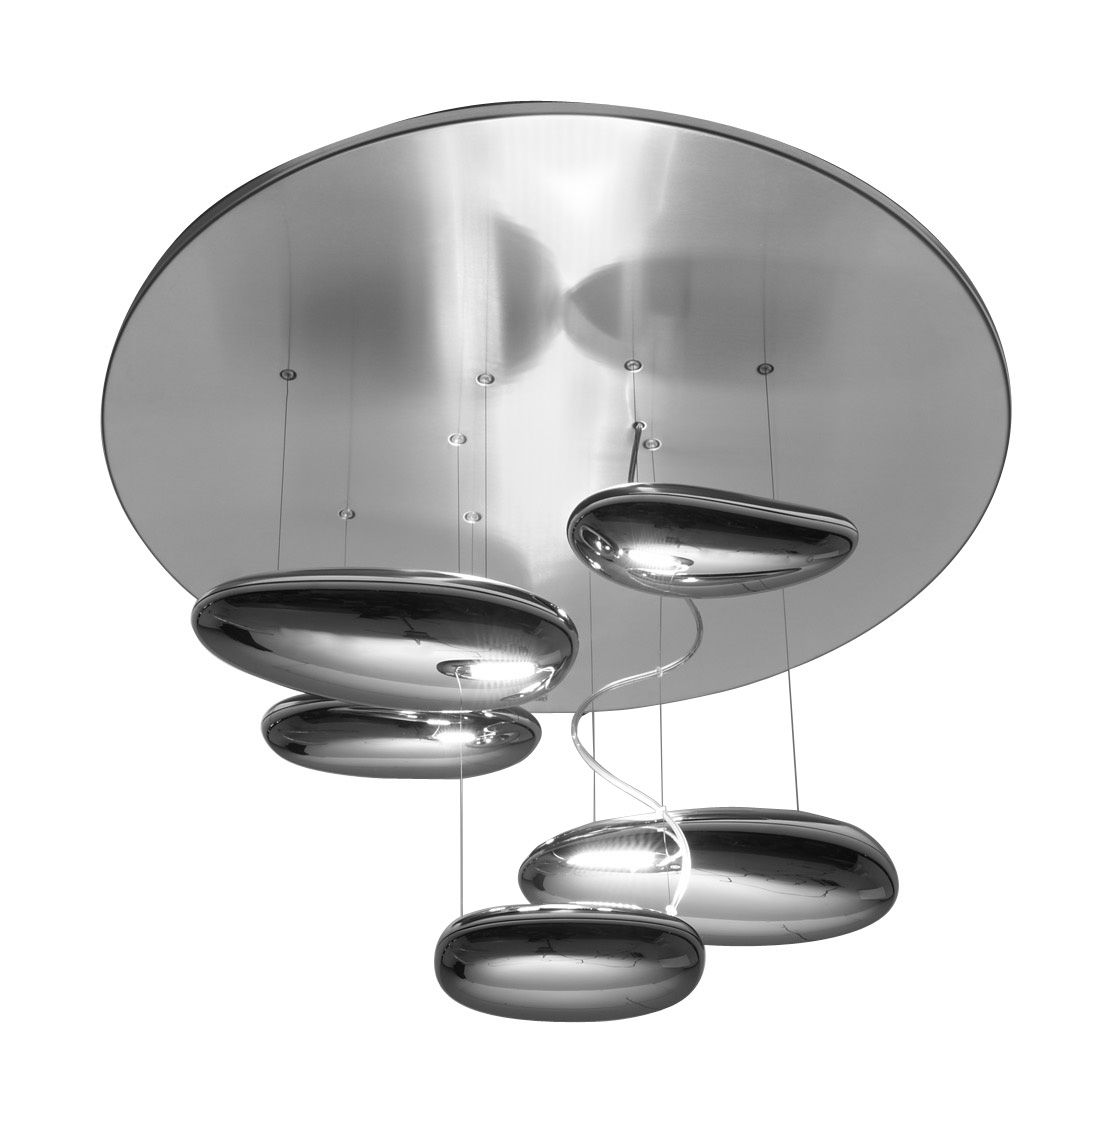 Leuchten - Deckenleuchten - Mercury mini Deckenleuchte Halogenleuchte - Artemide - Metallgrau und verspiegelt - Aluminium, rostfreier Stahl